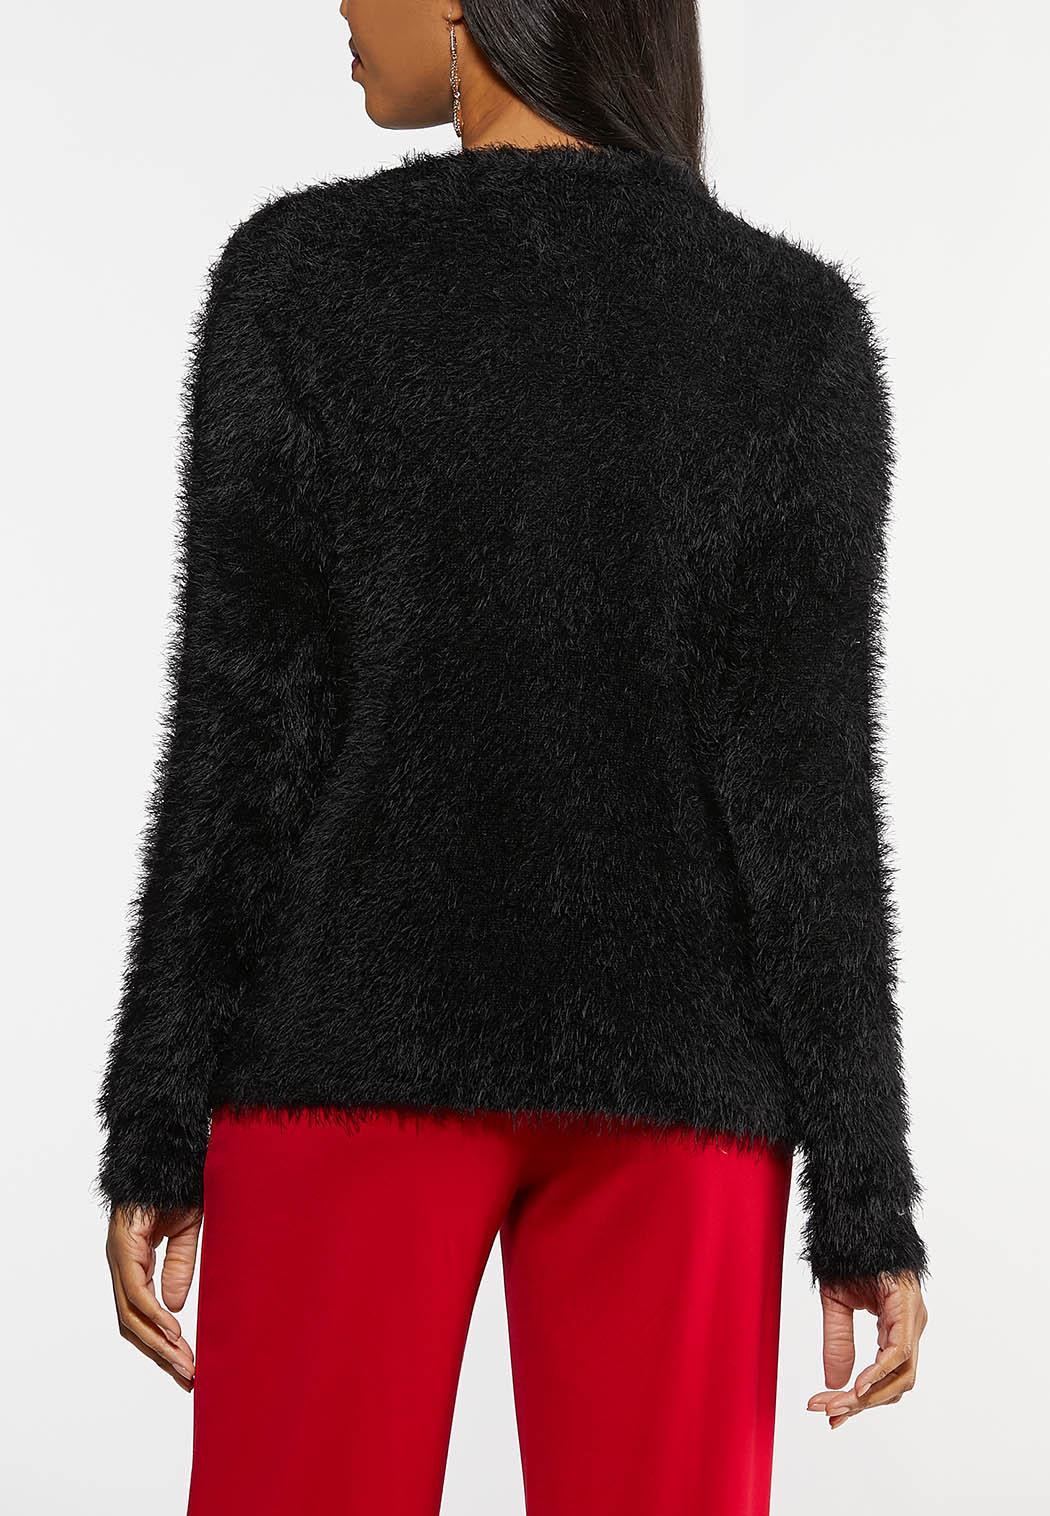 Fuzzy Black Cardigan Sweater (Item #44027587)